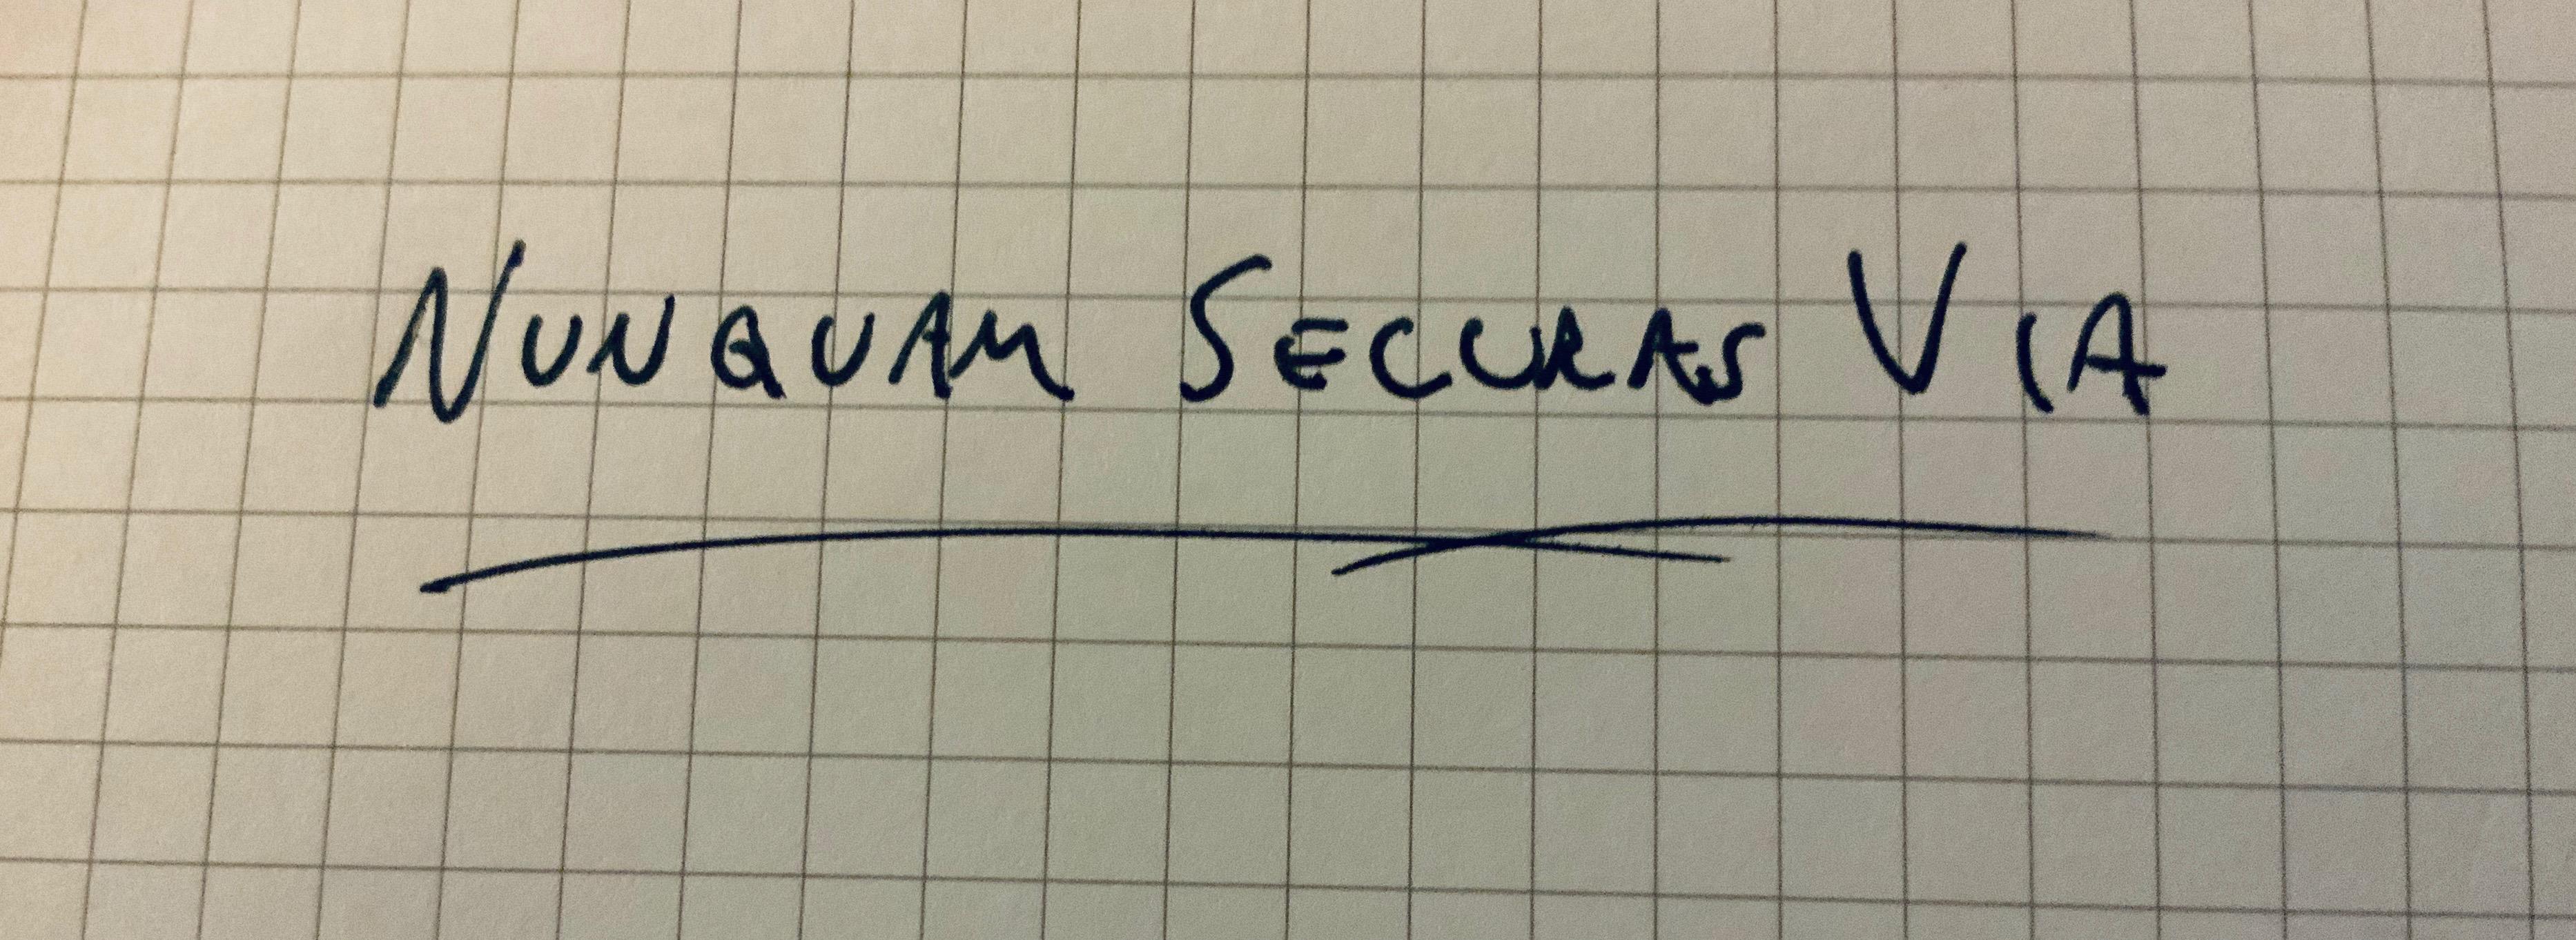 Nuquam Securas Via